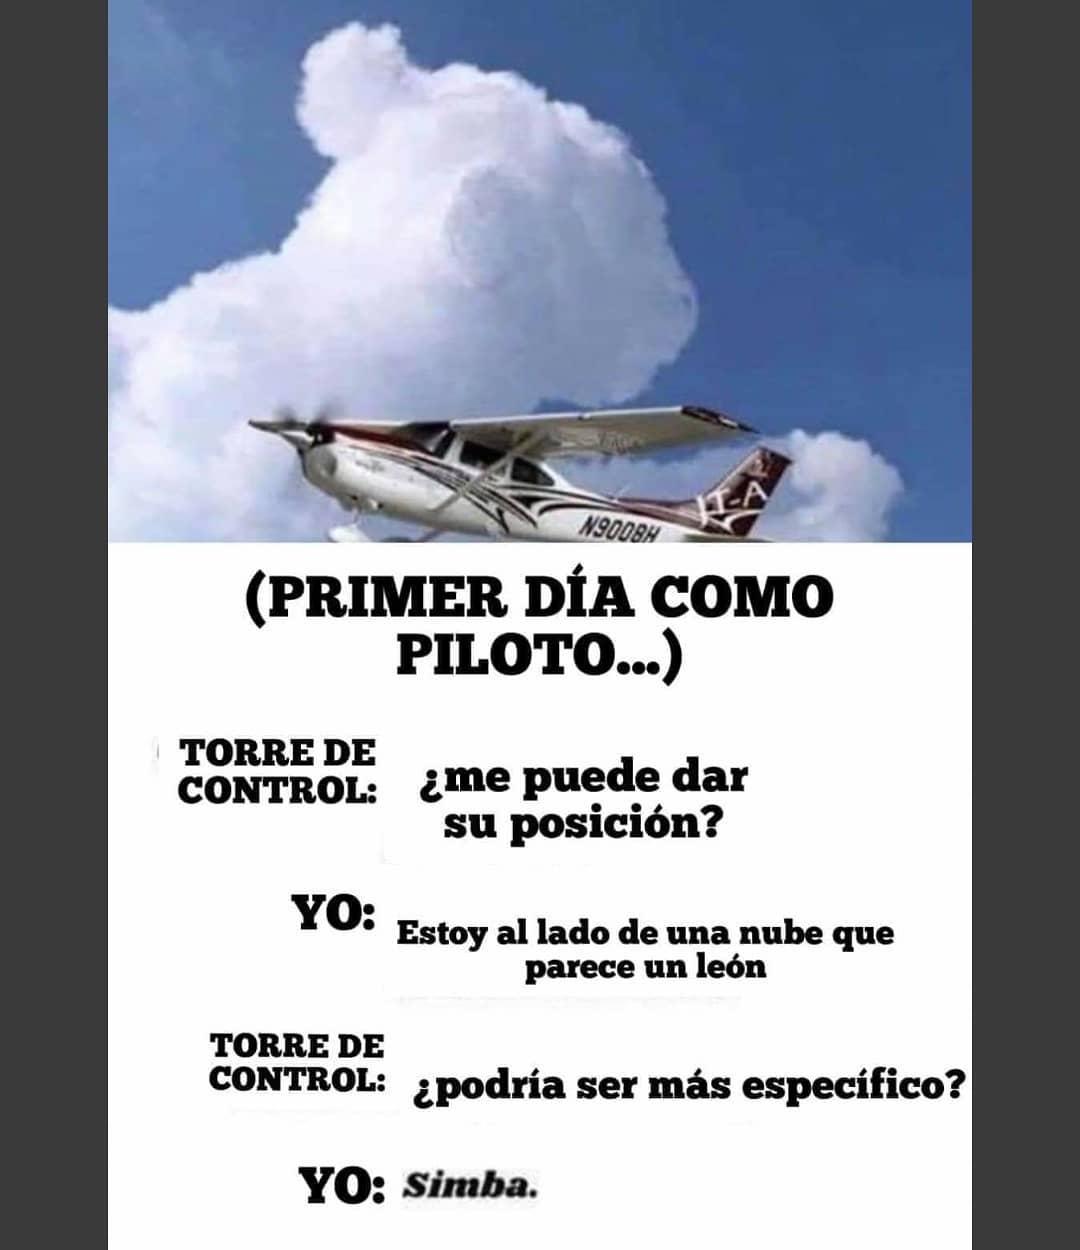 Primer día como piloto...  Torre de control: ¿Me puede dar su posición?  Yo: Estoy al lado de una nube que parece un león.  Torre de control: ¿Podría ser más específico?  Yo: Simba.